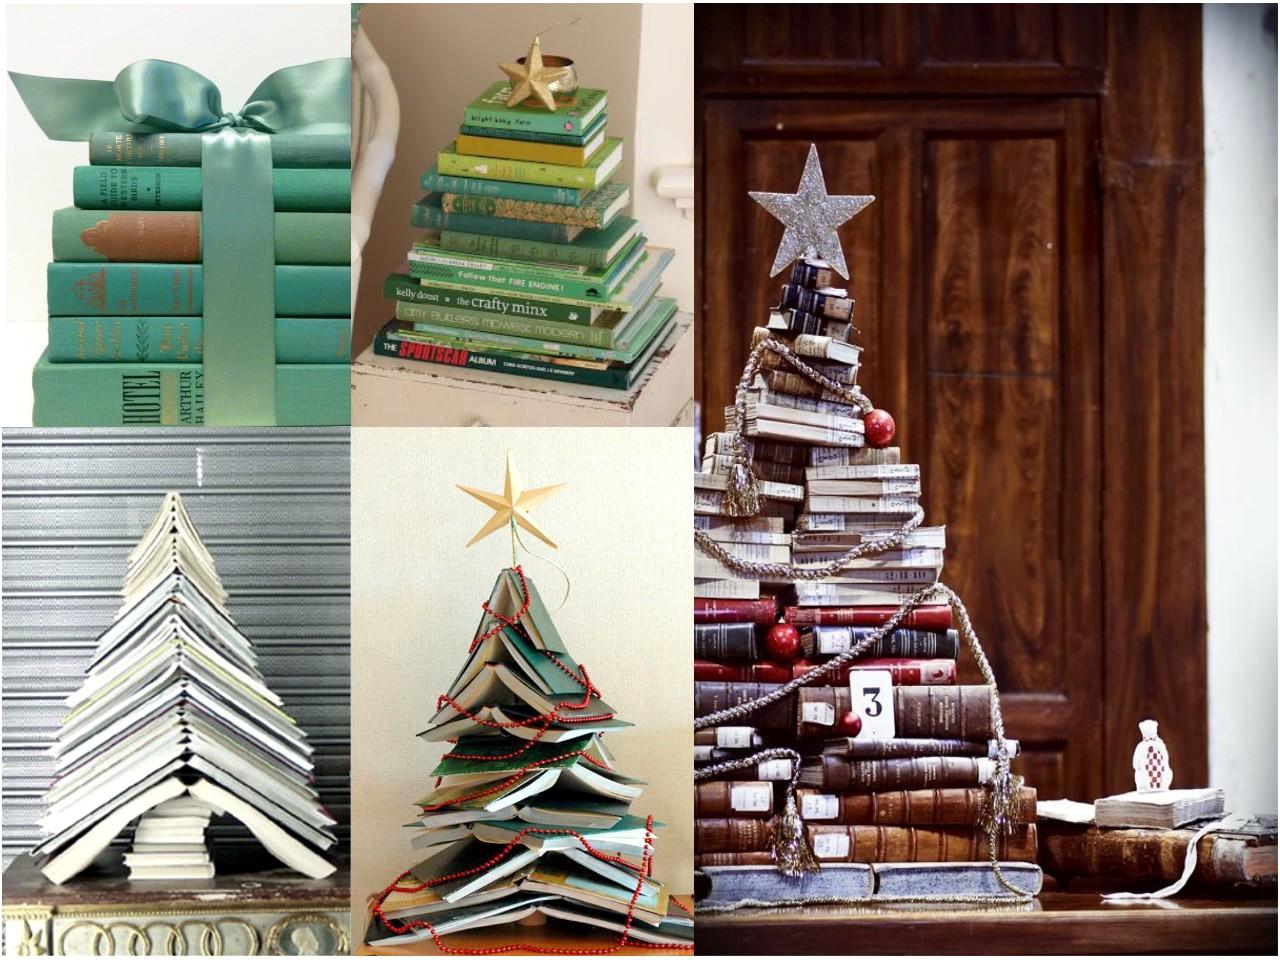 Decoracion Oficina Navide?a ~ ideas de decoracion navide?a en la oficina